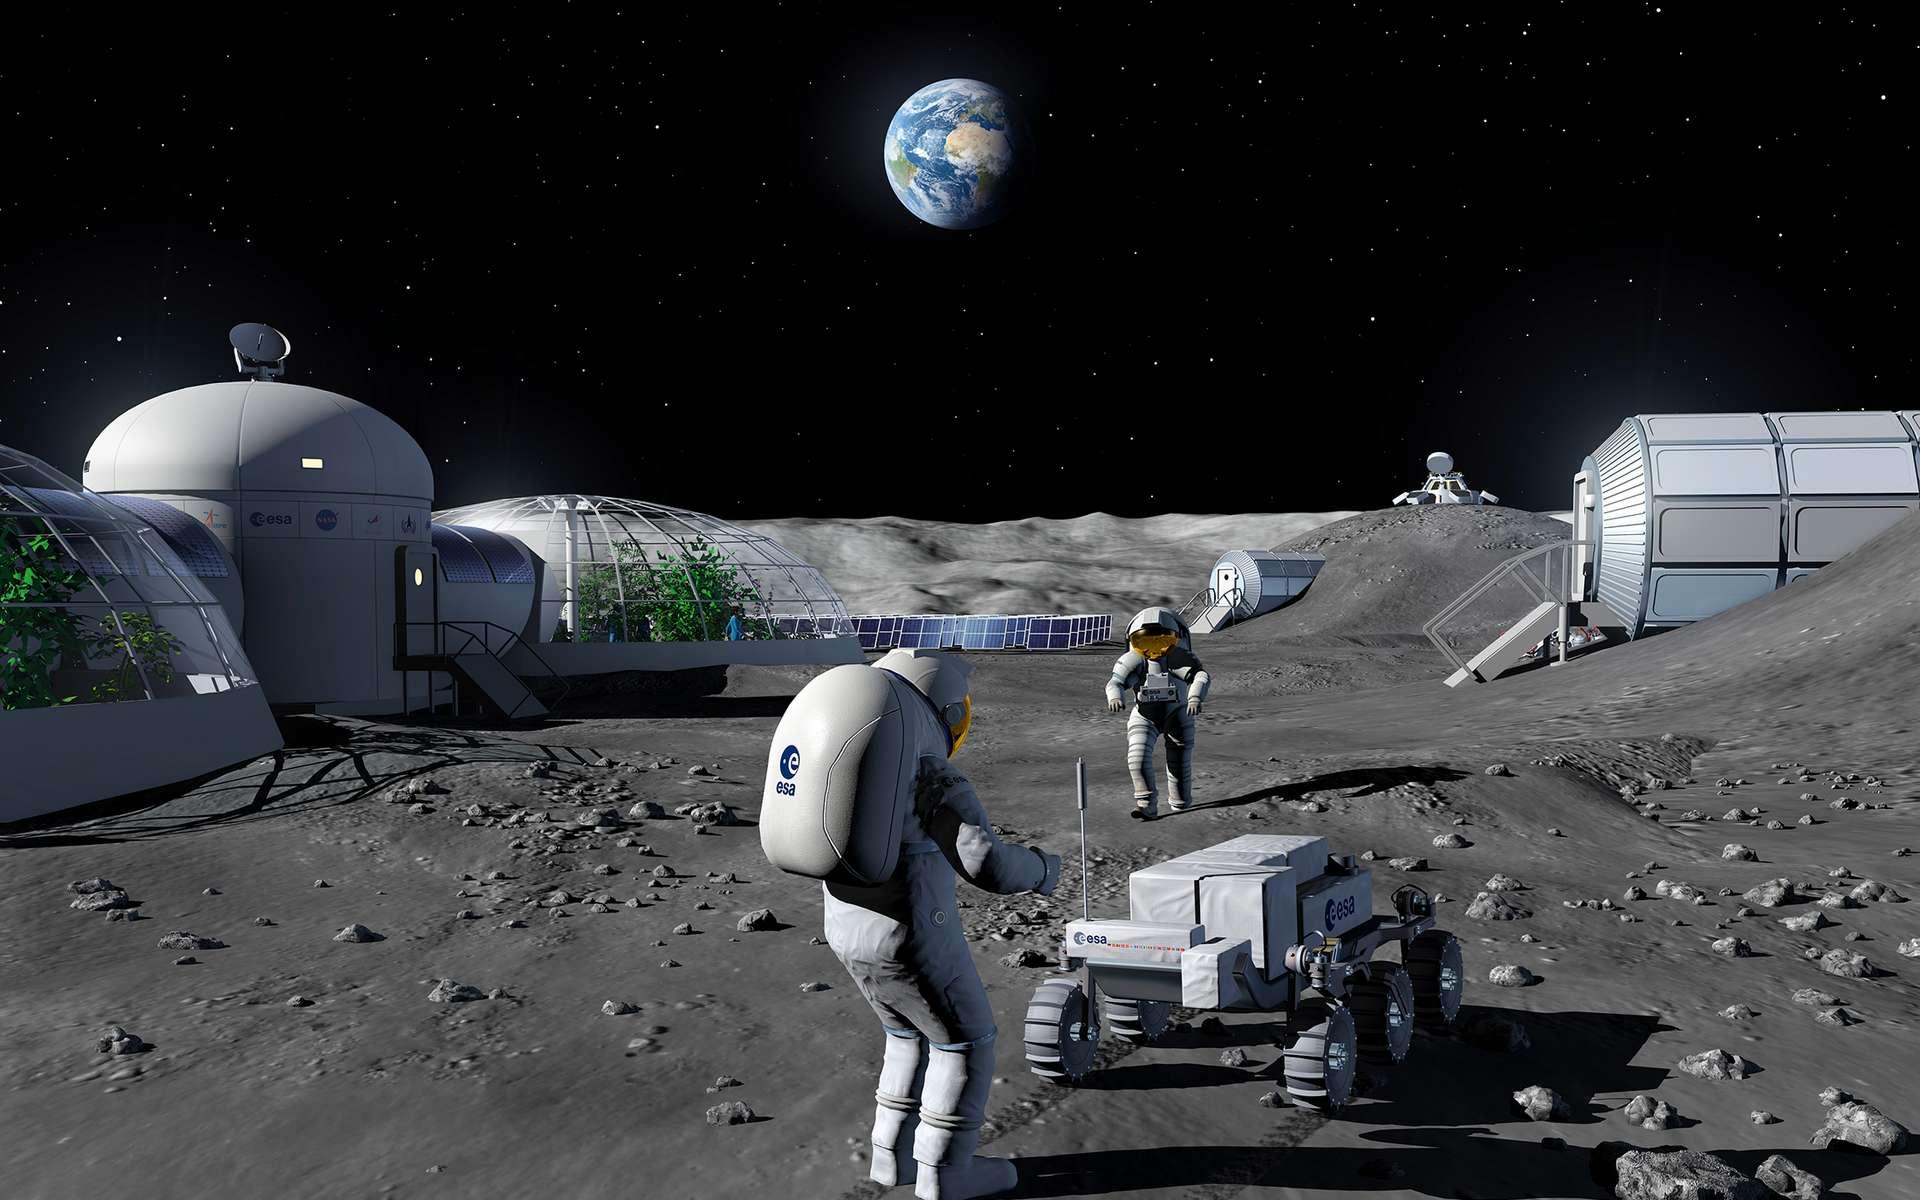 Comment l'ESA se prépare à négocier avec la Nasa la présence d'un Européen sur la Lune - Futura